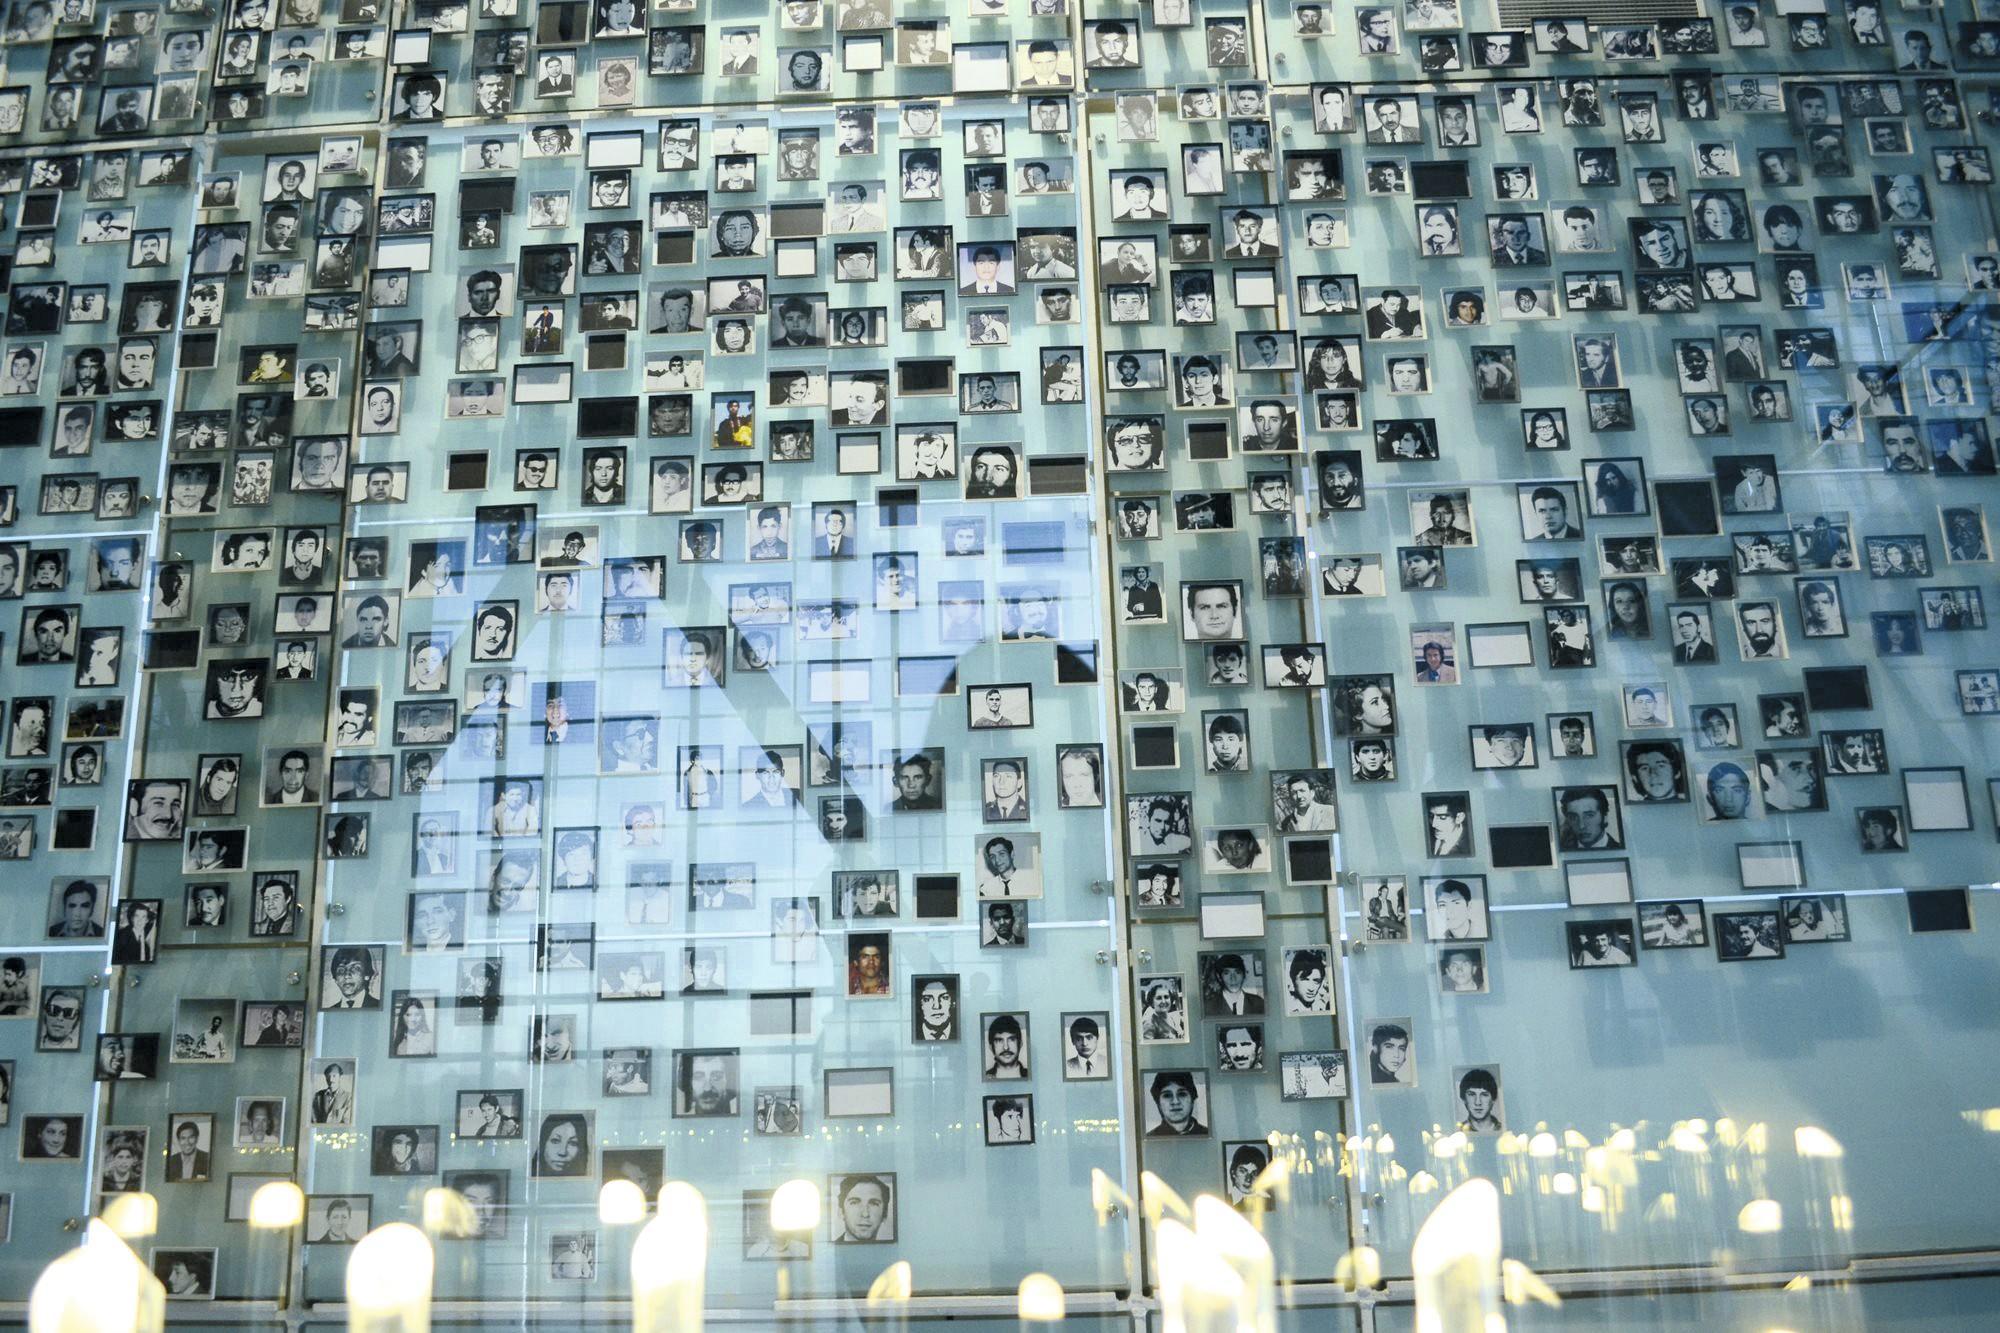 Museo de la Memoria y los Derechos Humanos, Santiago de Chile, inaugurado en 2010.